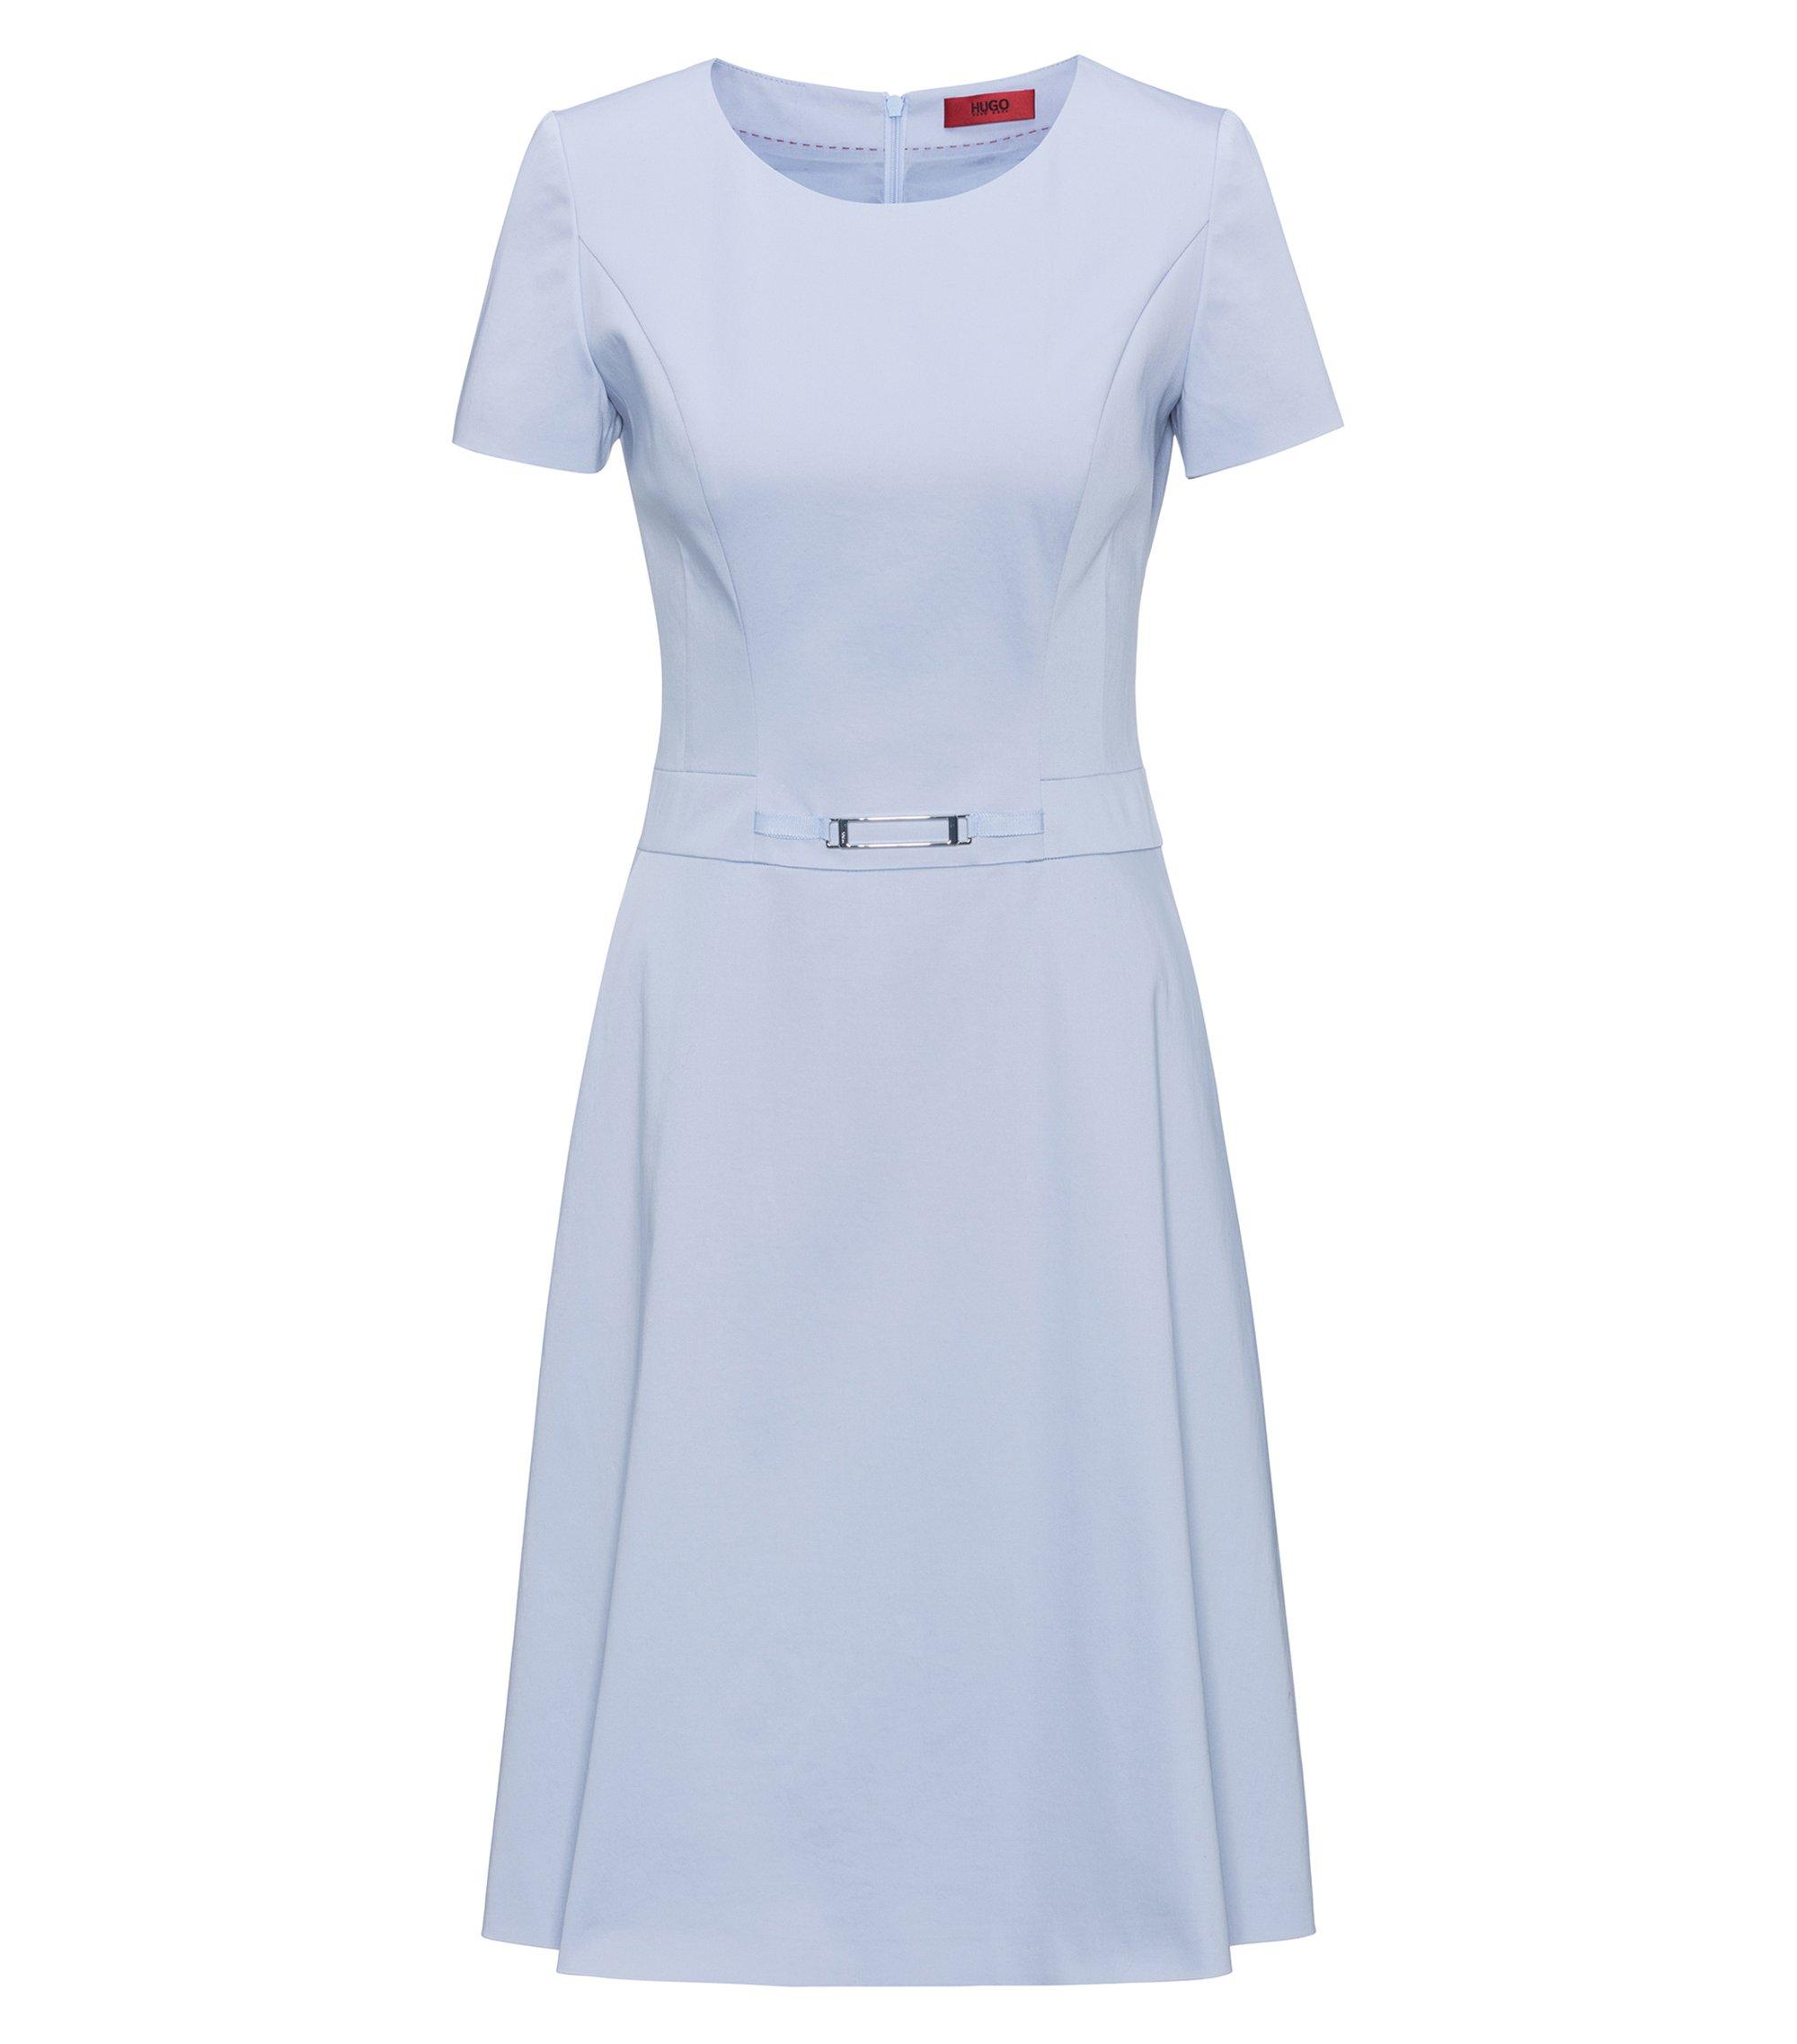 Vestito dalla linea svasata in cotone elasticizzato con dettaglio in vita, Blu